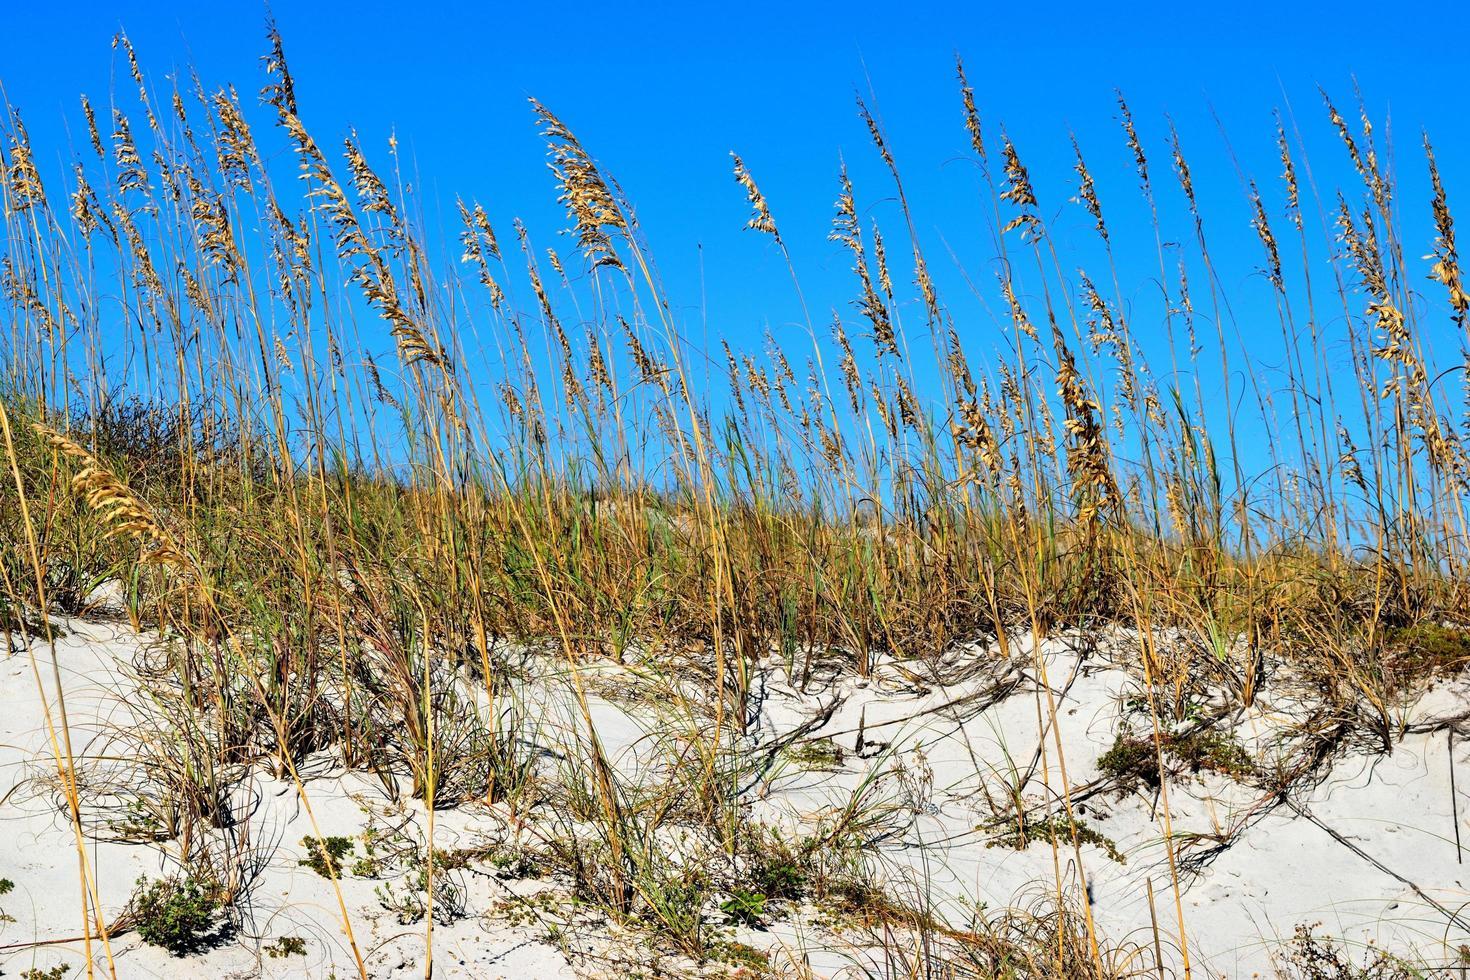 aveia do mar na duna de areia foto